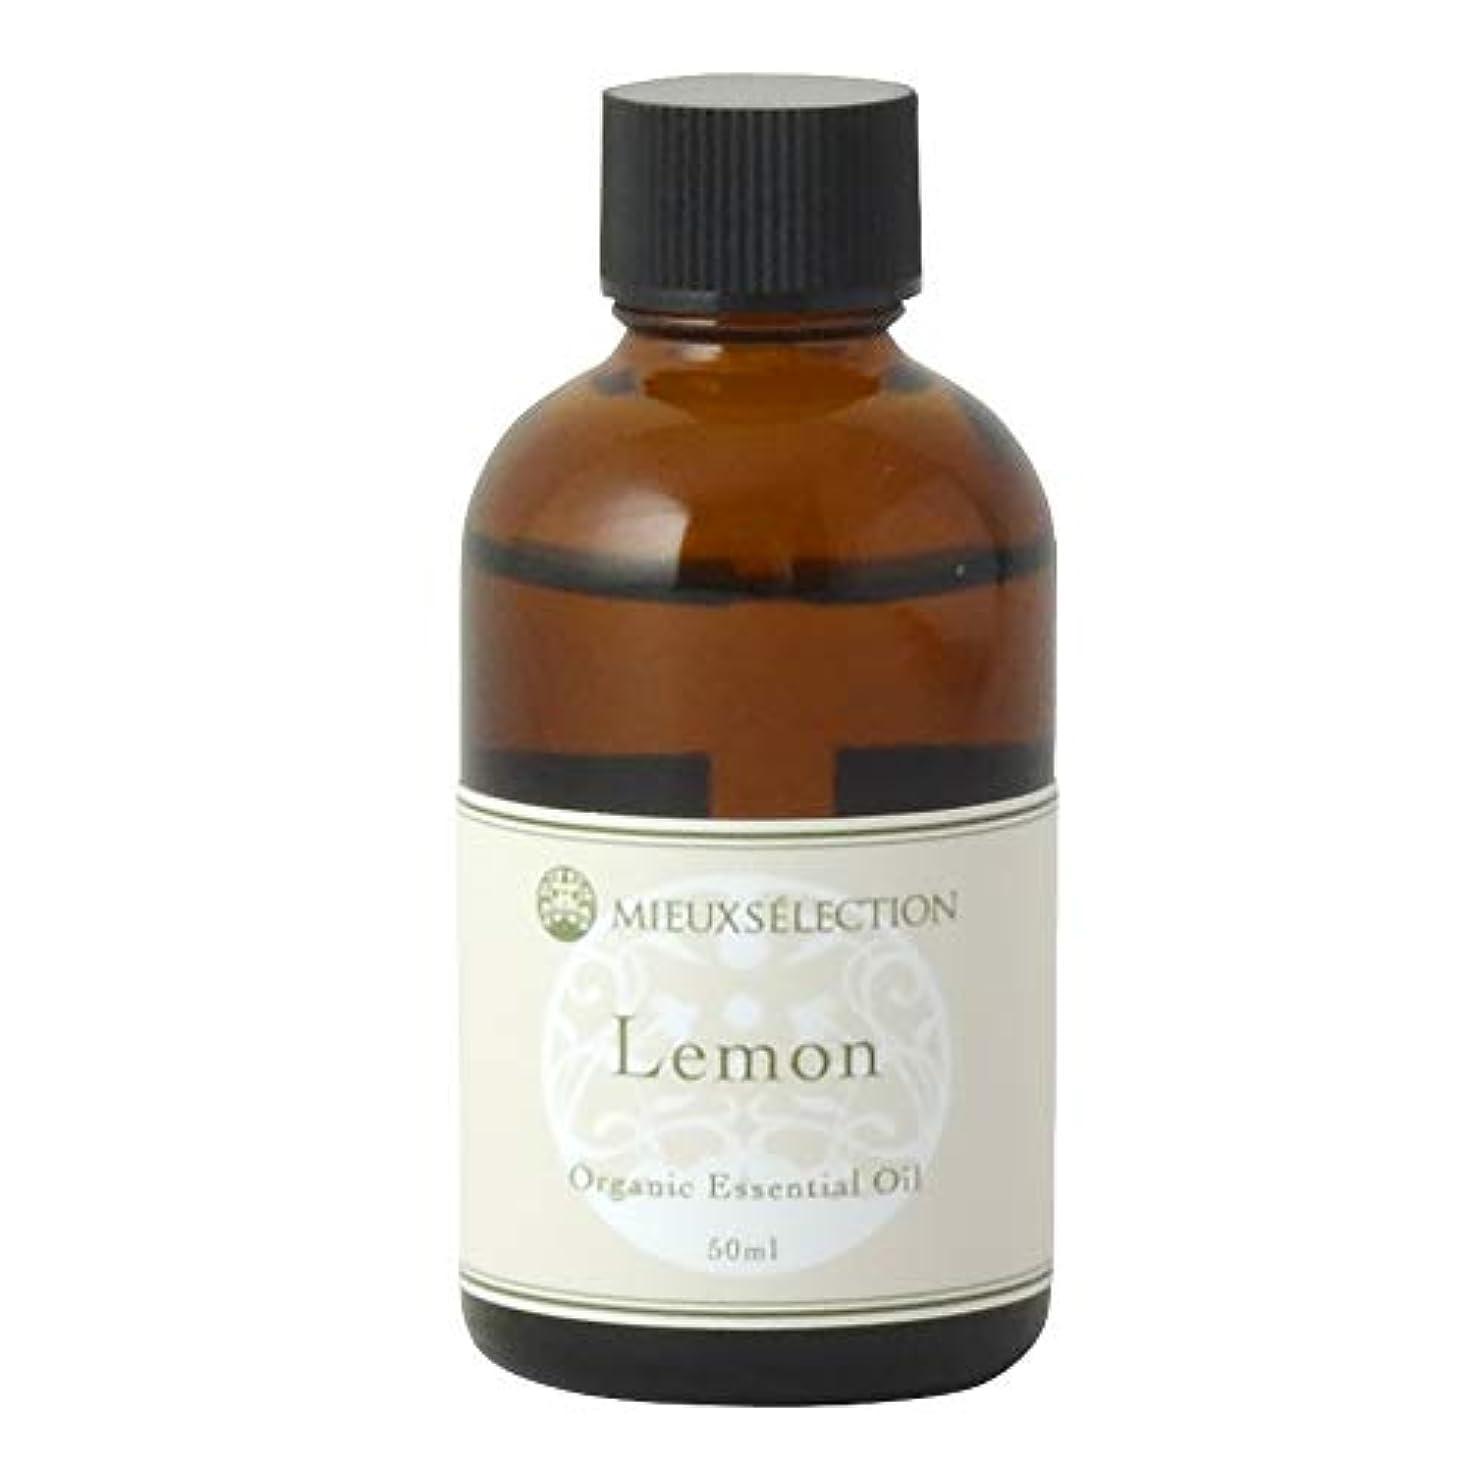 警戒社交的させるオーガニックエッセンシャルオイル レモン 50ml